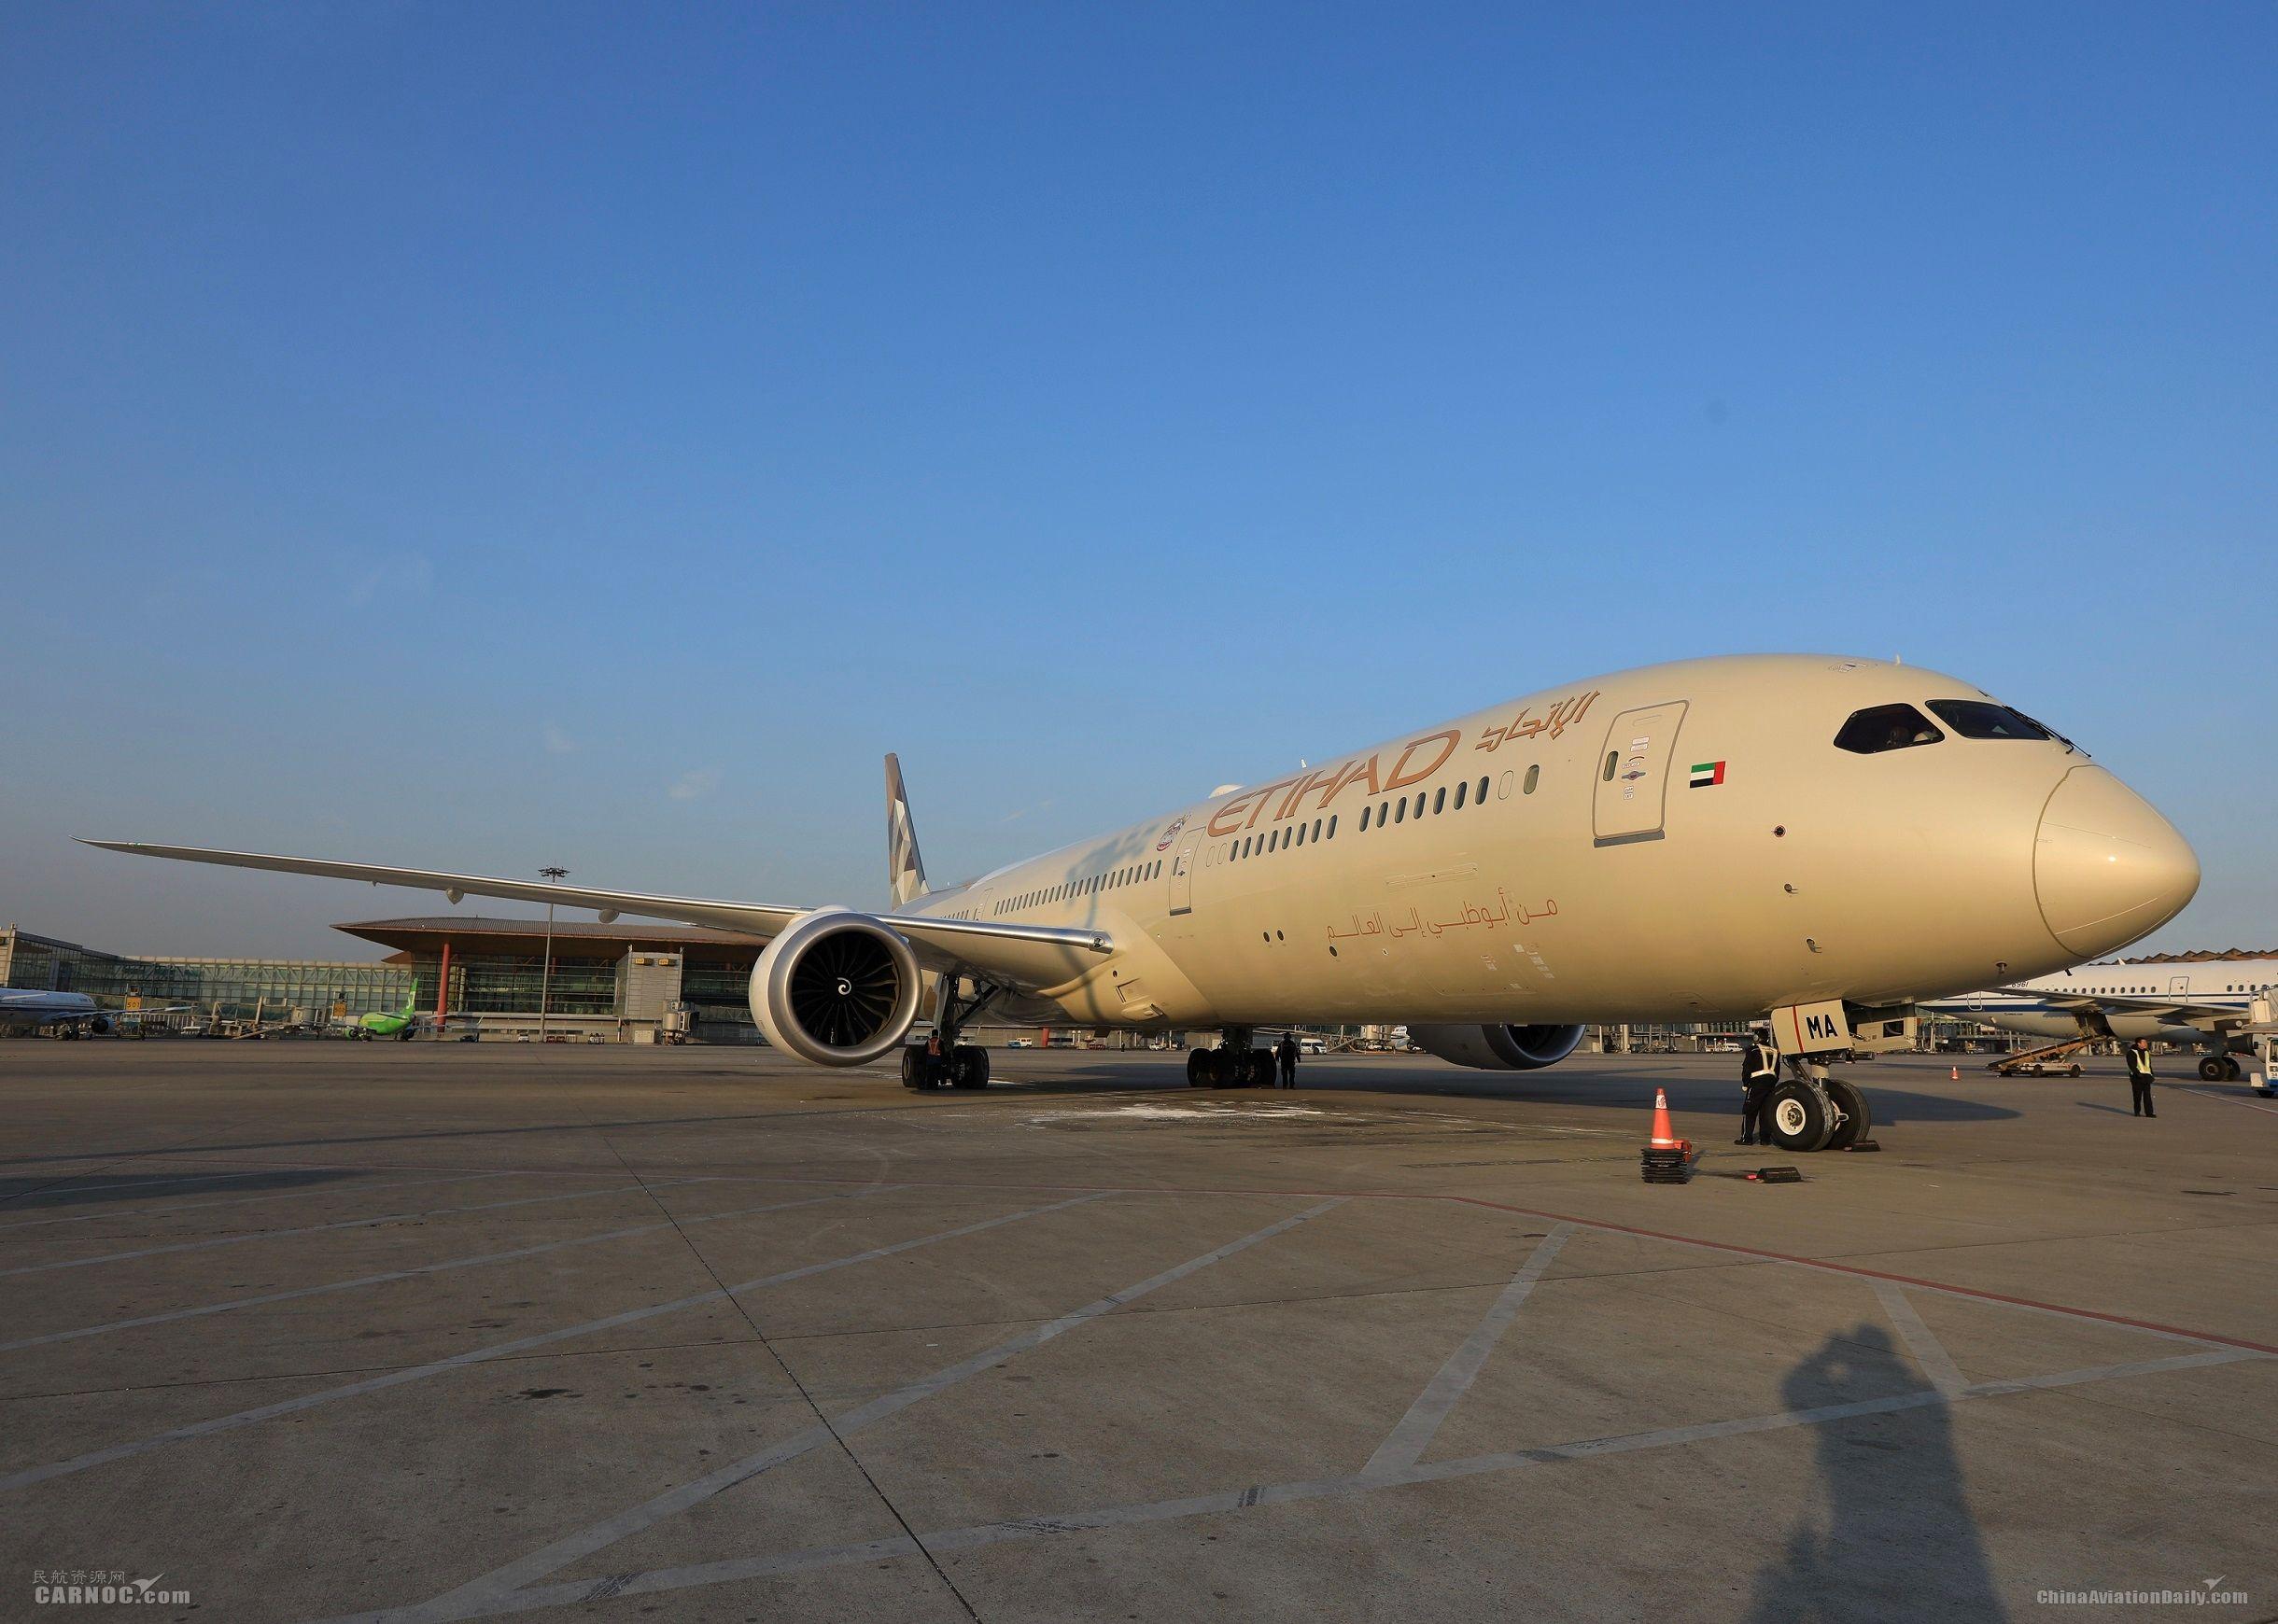 787-10首次抵京 执飞阿布扎比-北京-名古屋航线